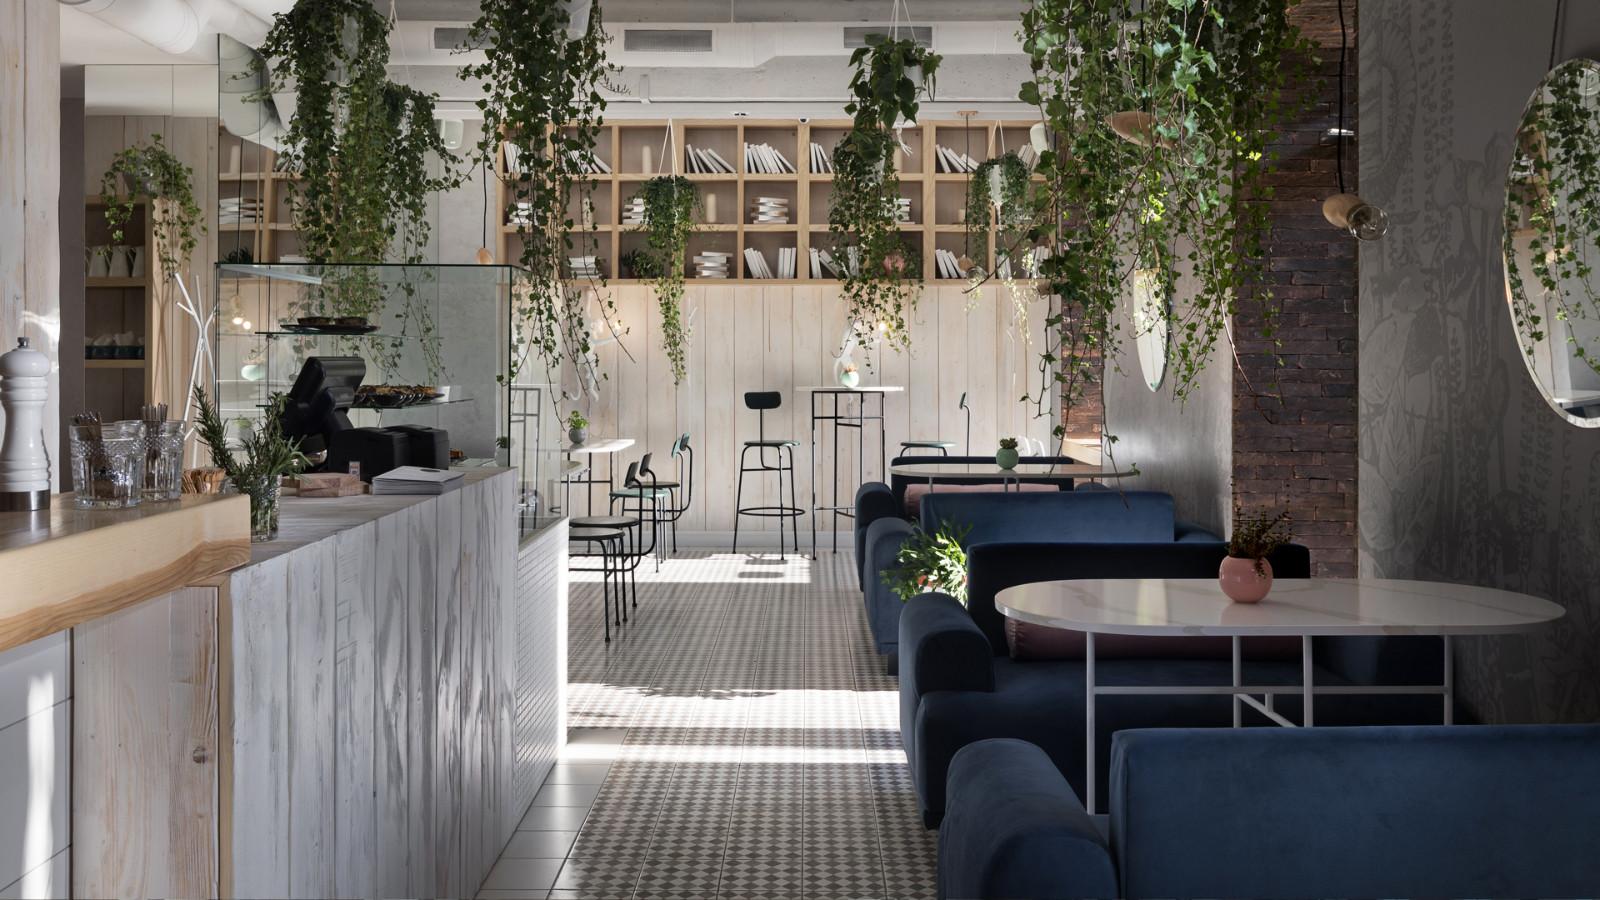 乌克兰轻食餐厅就餐区设计